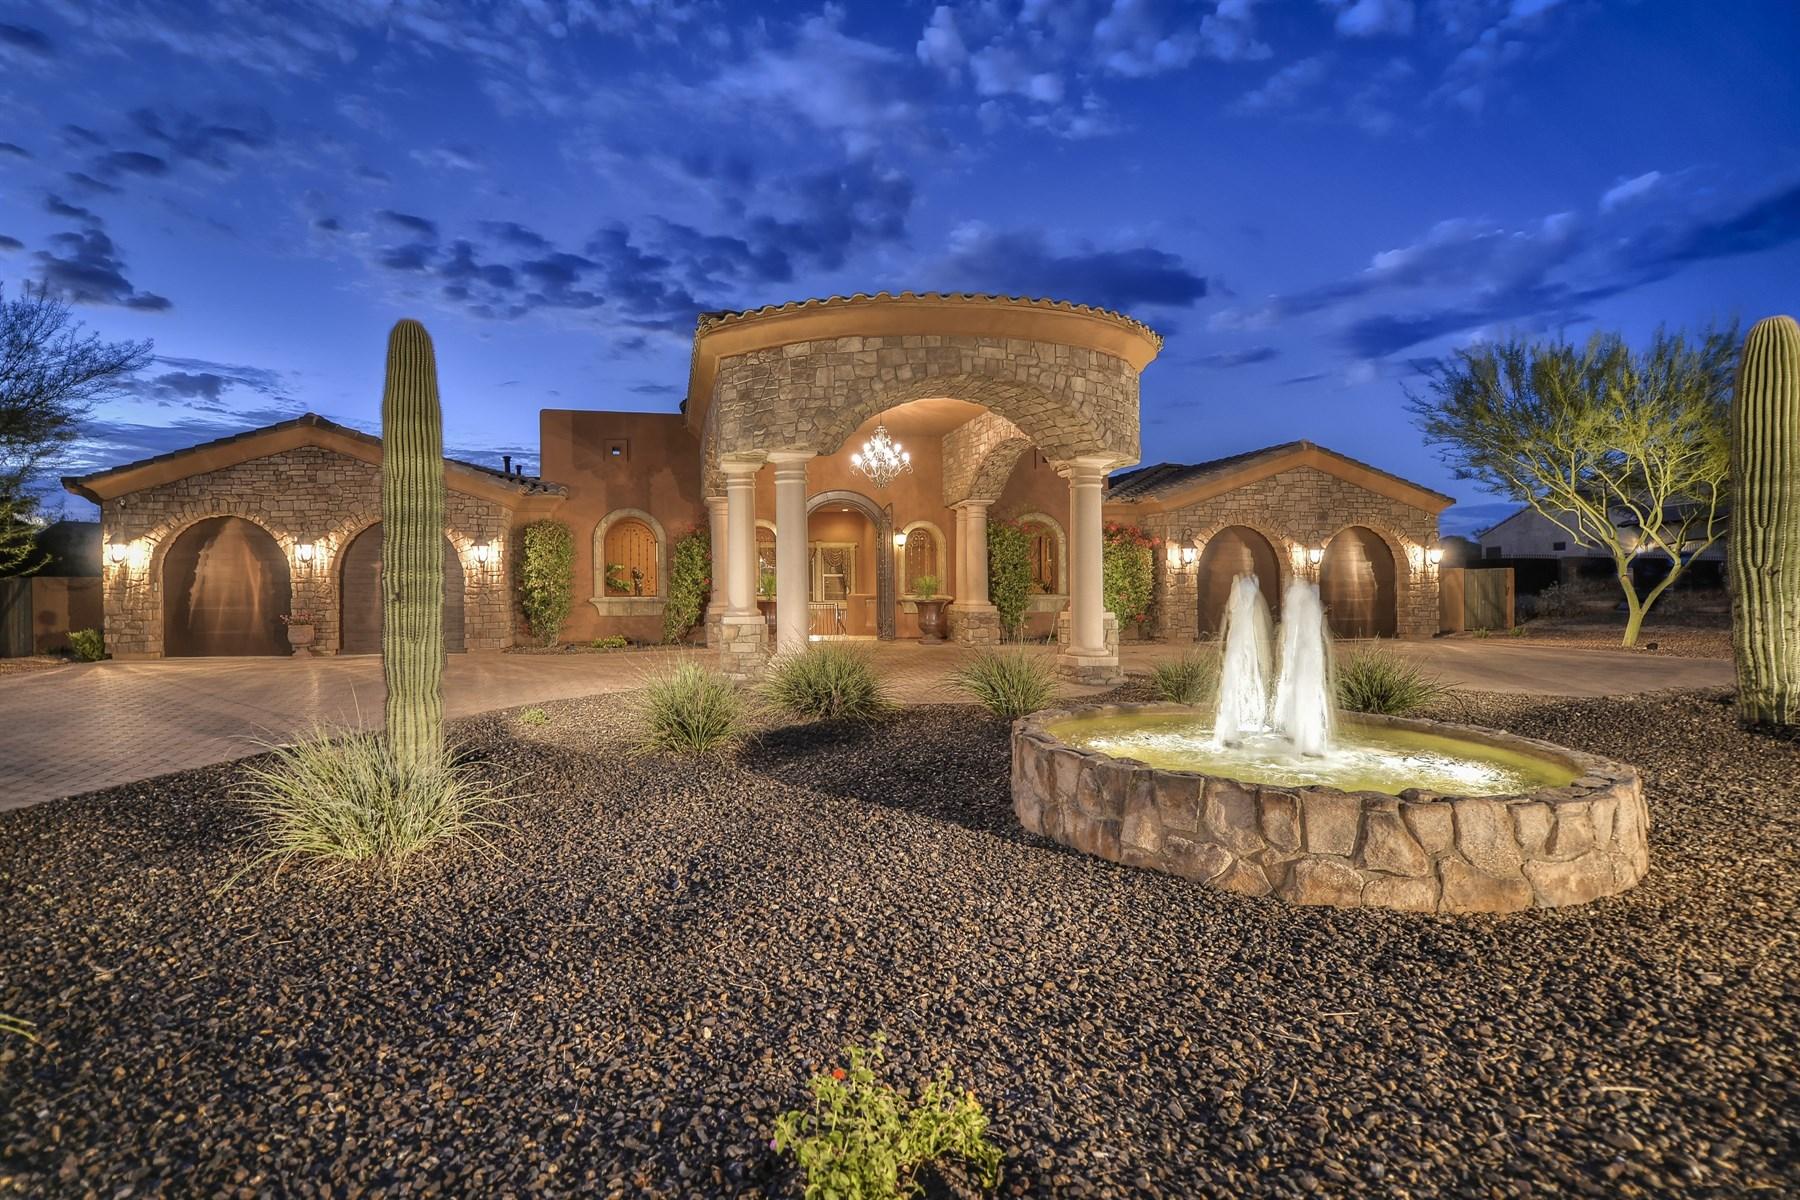 Casa Unifamiliar por un Venta en Beautiful Mediterranean style home 8214 E Kael St Mesa, Arizona, 85207 Estados Unidos